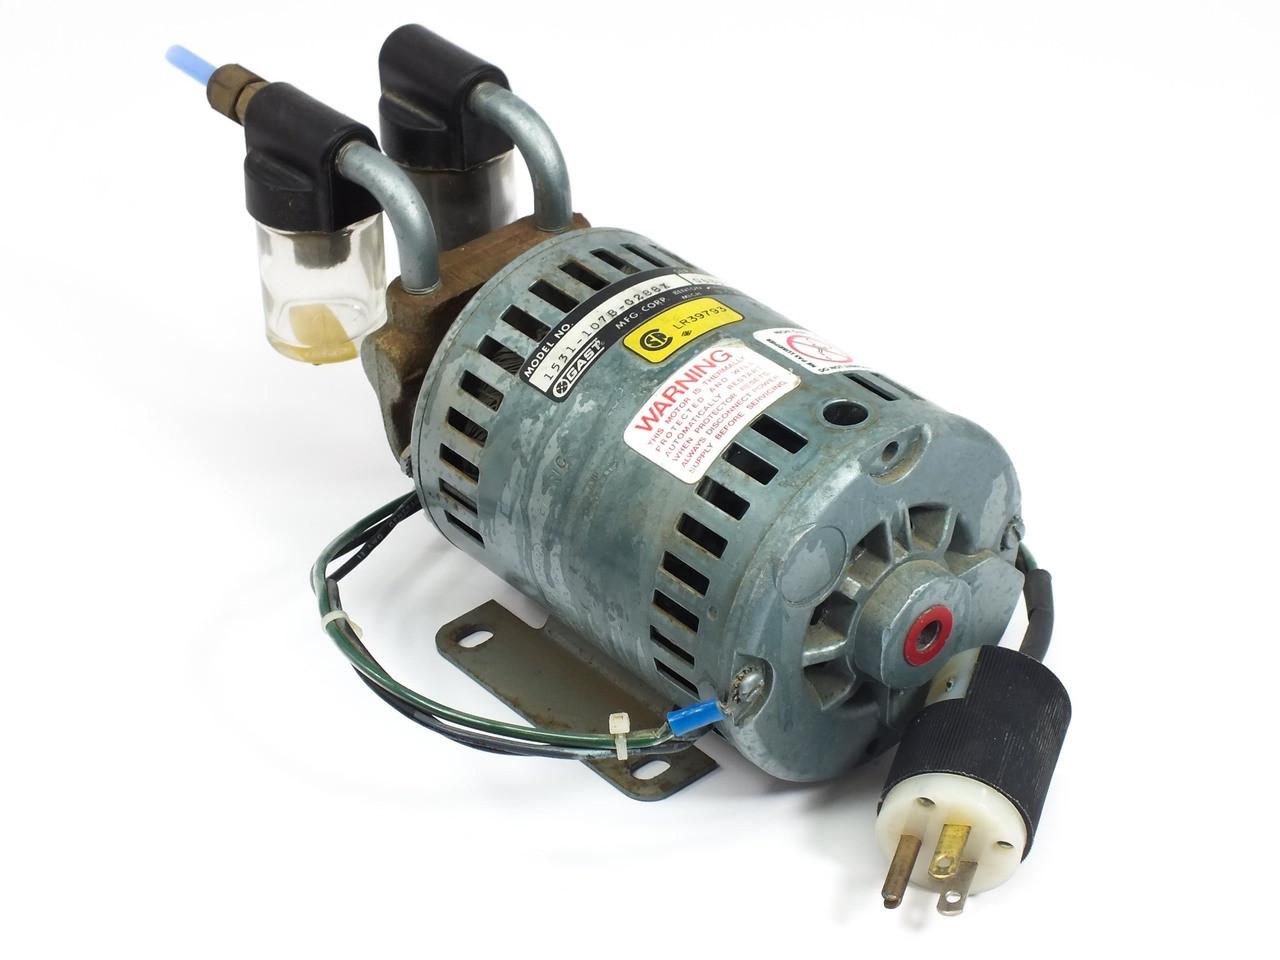 gast 1531 107b g288x 1 10 hp rotary vane vacuum pump recycledgoods com rh recycledgoods com Gast Pumps Dallas TX Industrial Vacuum Pumps